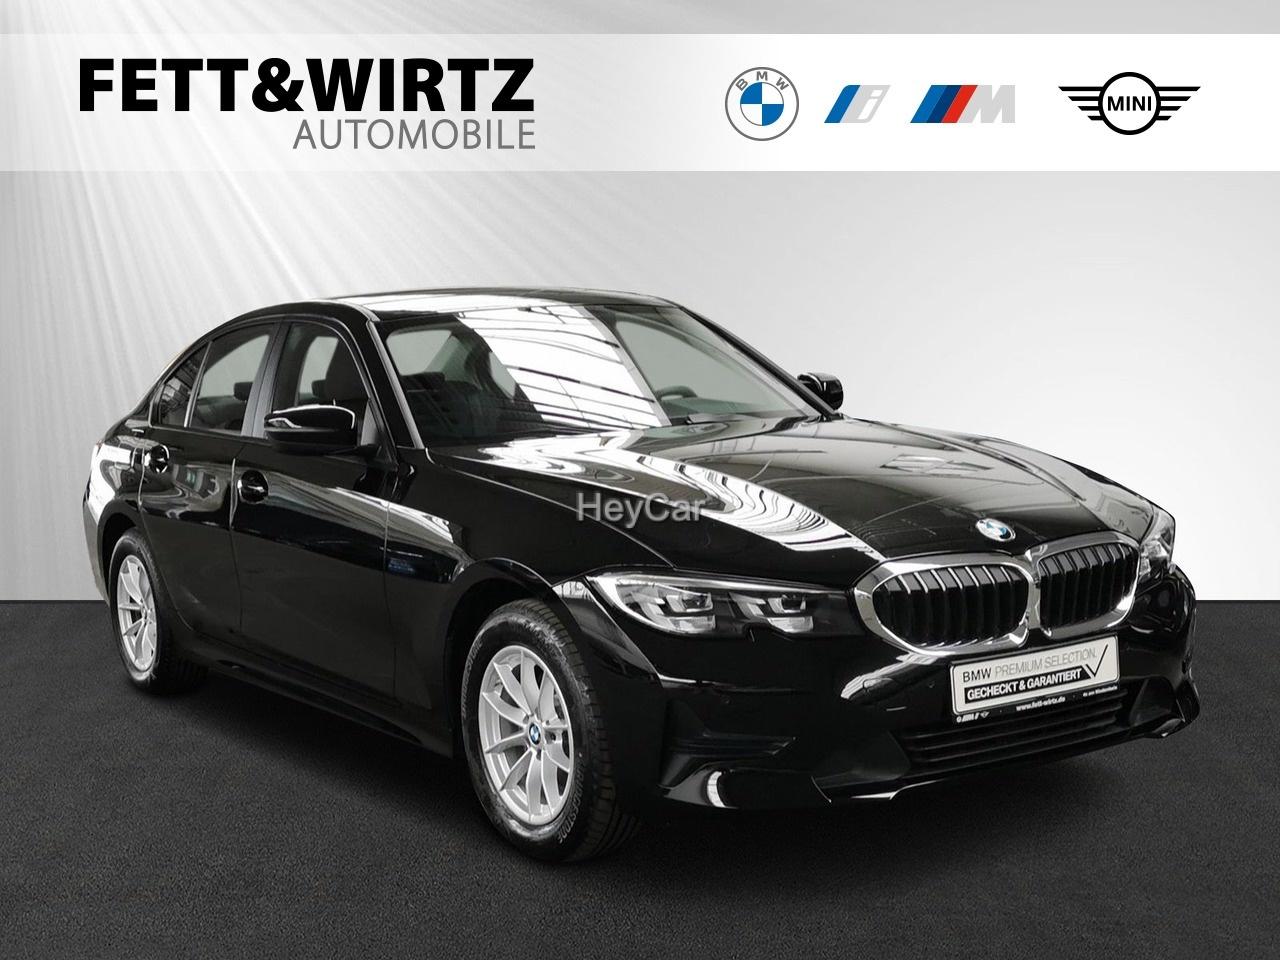 BMW 320d Adv. AHK LC+ HiFi SHZ Business Klima, Jahr 2019, Diesel